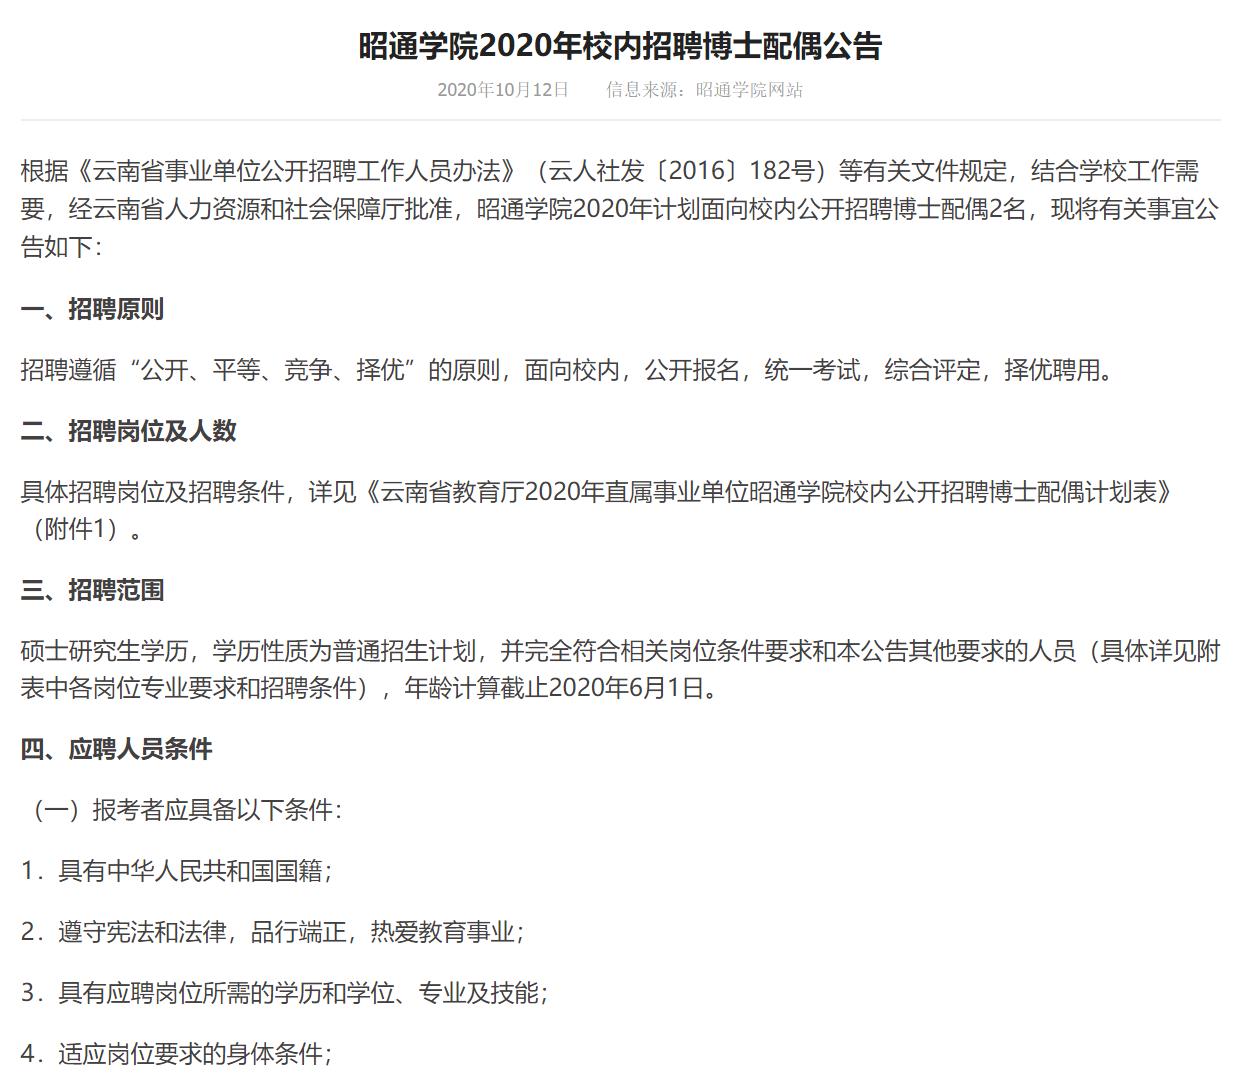 """云南昭通学院回应招聘""""博士配偶"""":给校内博士配偶提供岗位"""